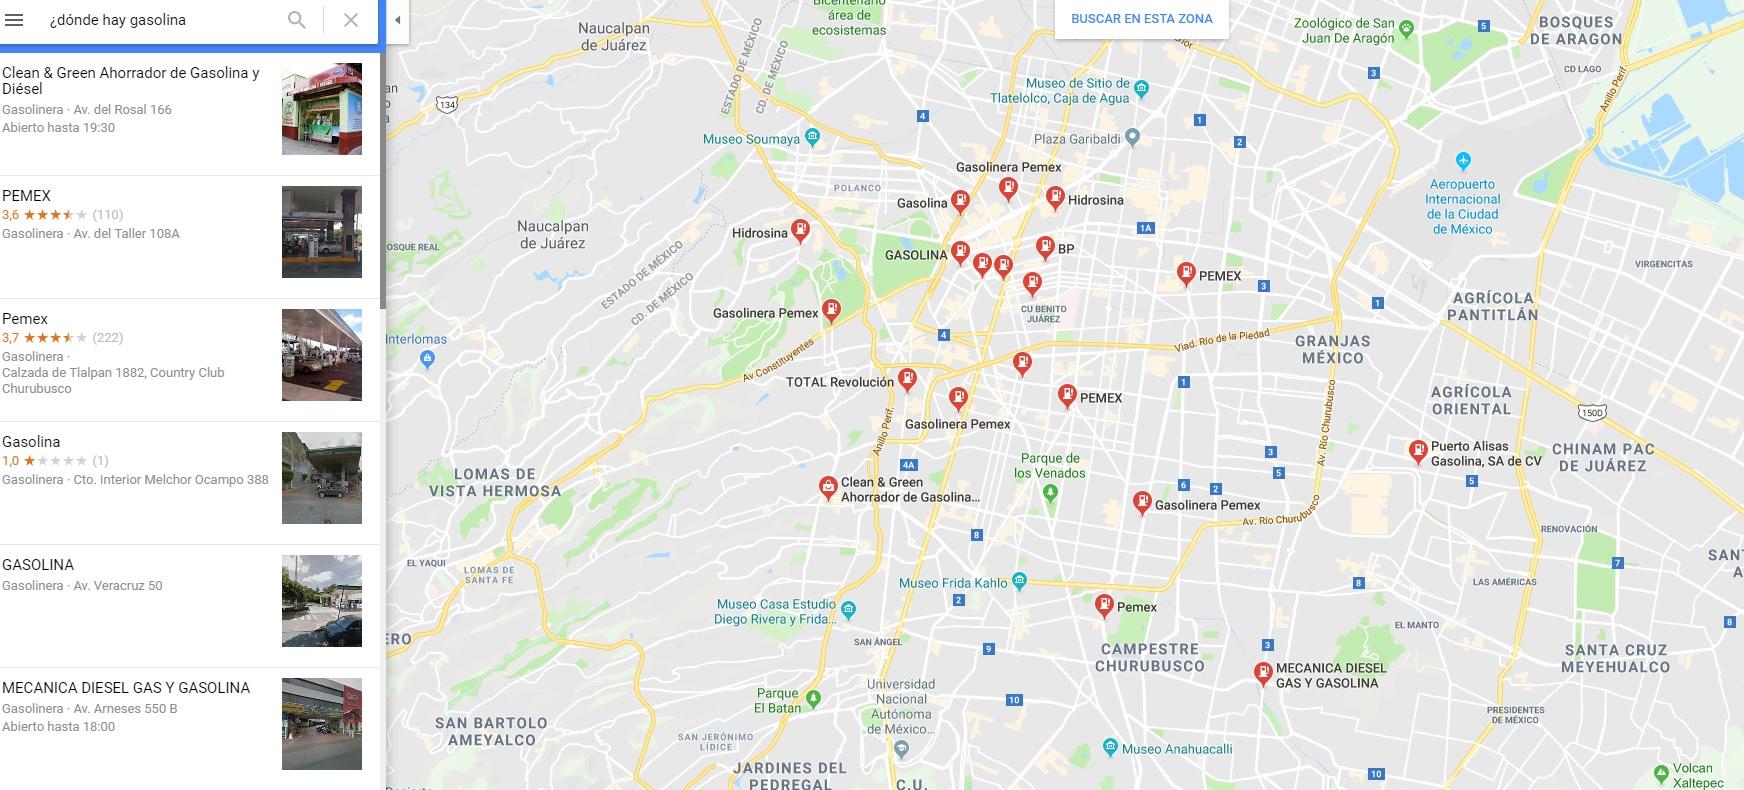 Google maps lanza función con la puedes ubicar las gasolineras que sí tienen combustible (Foto: Captura de pantalla)